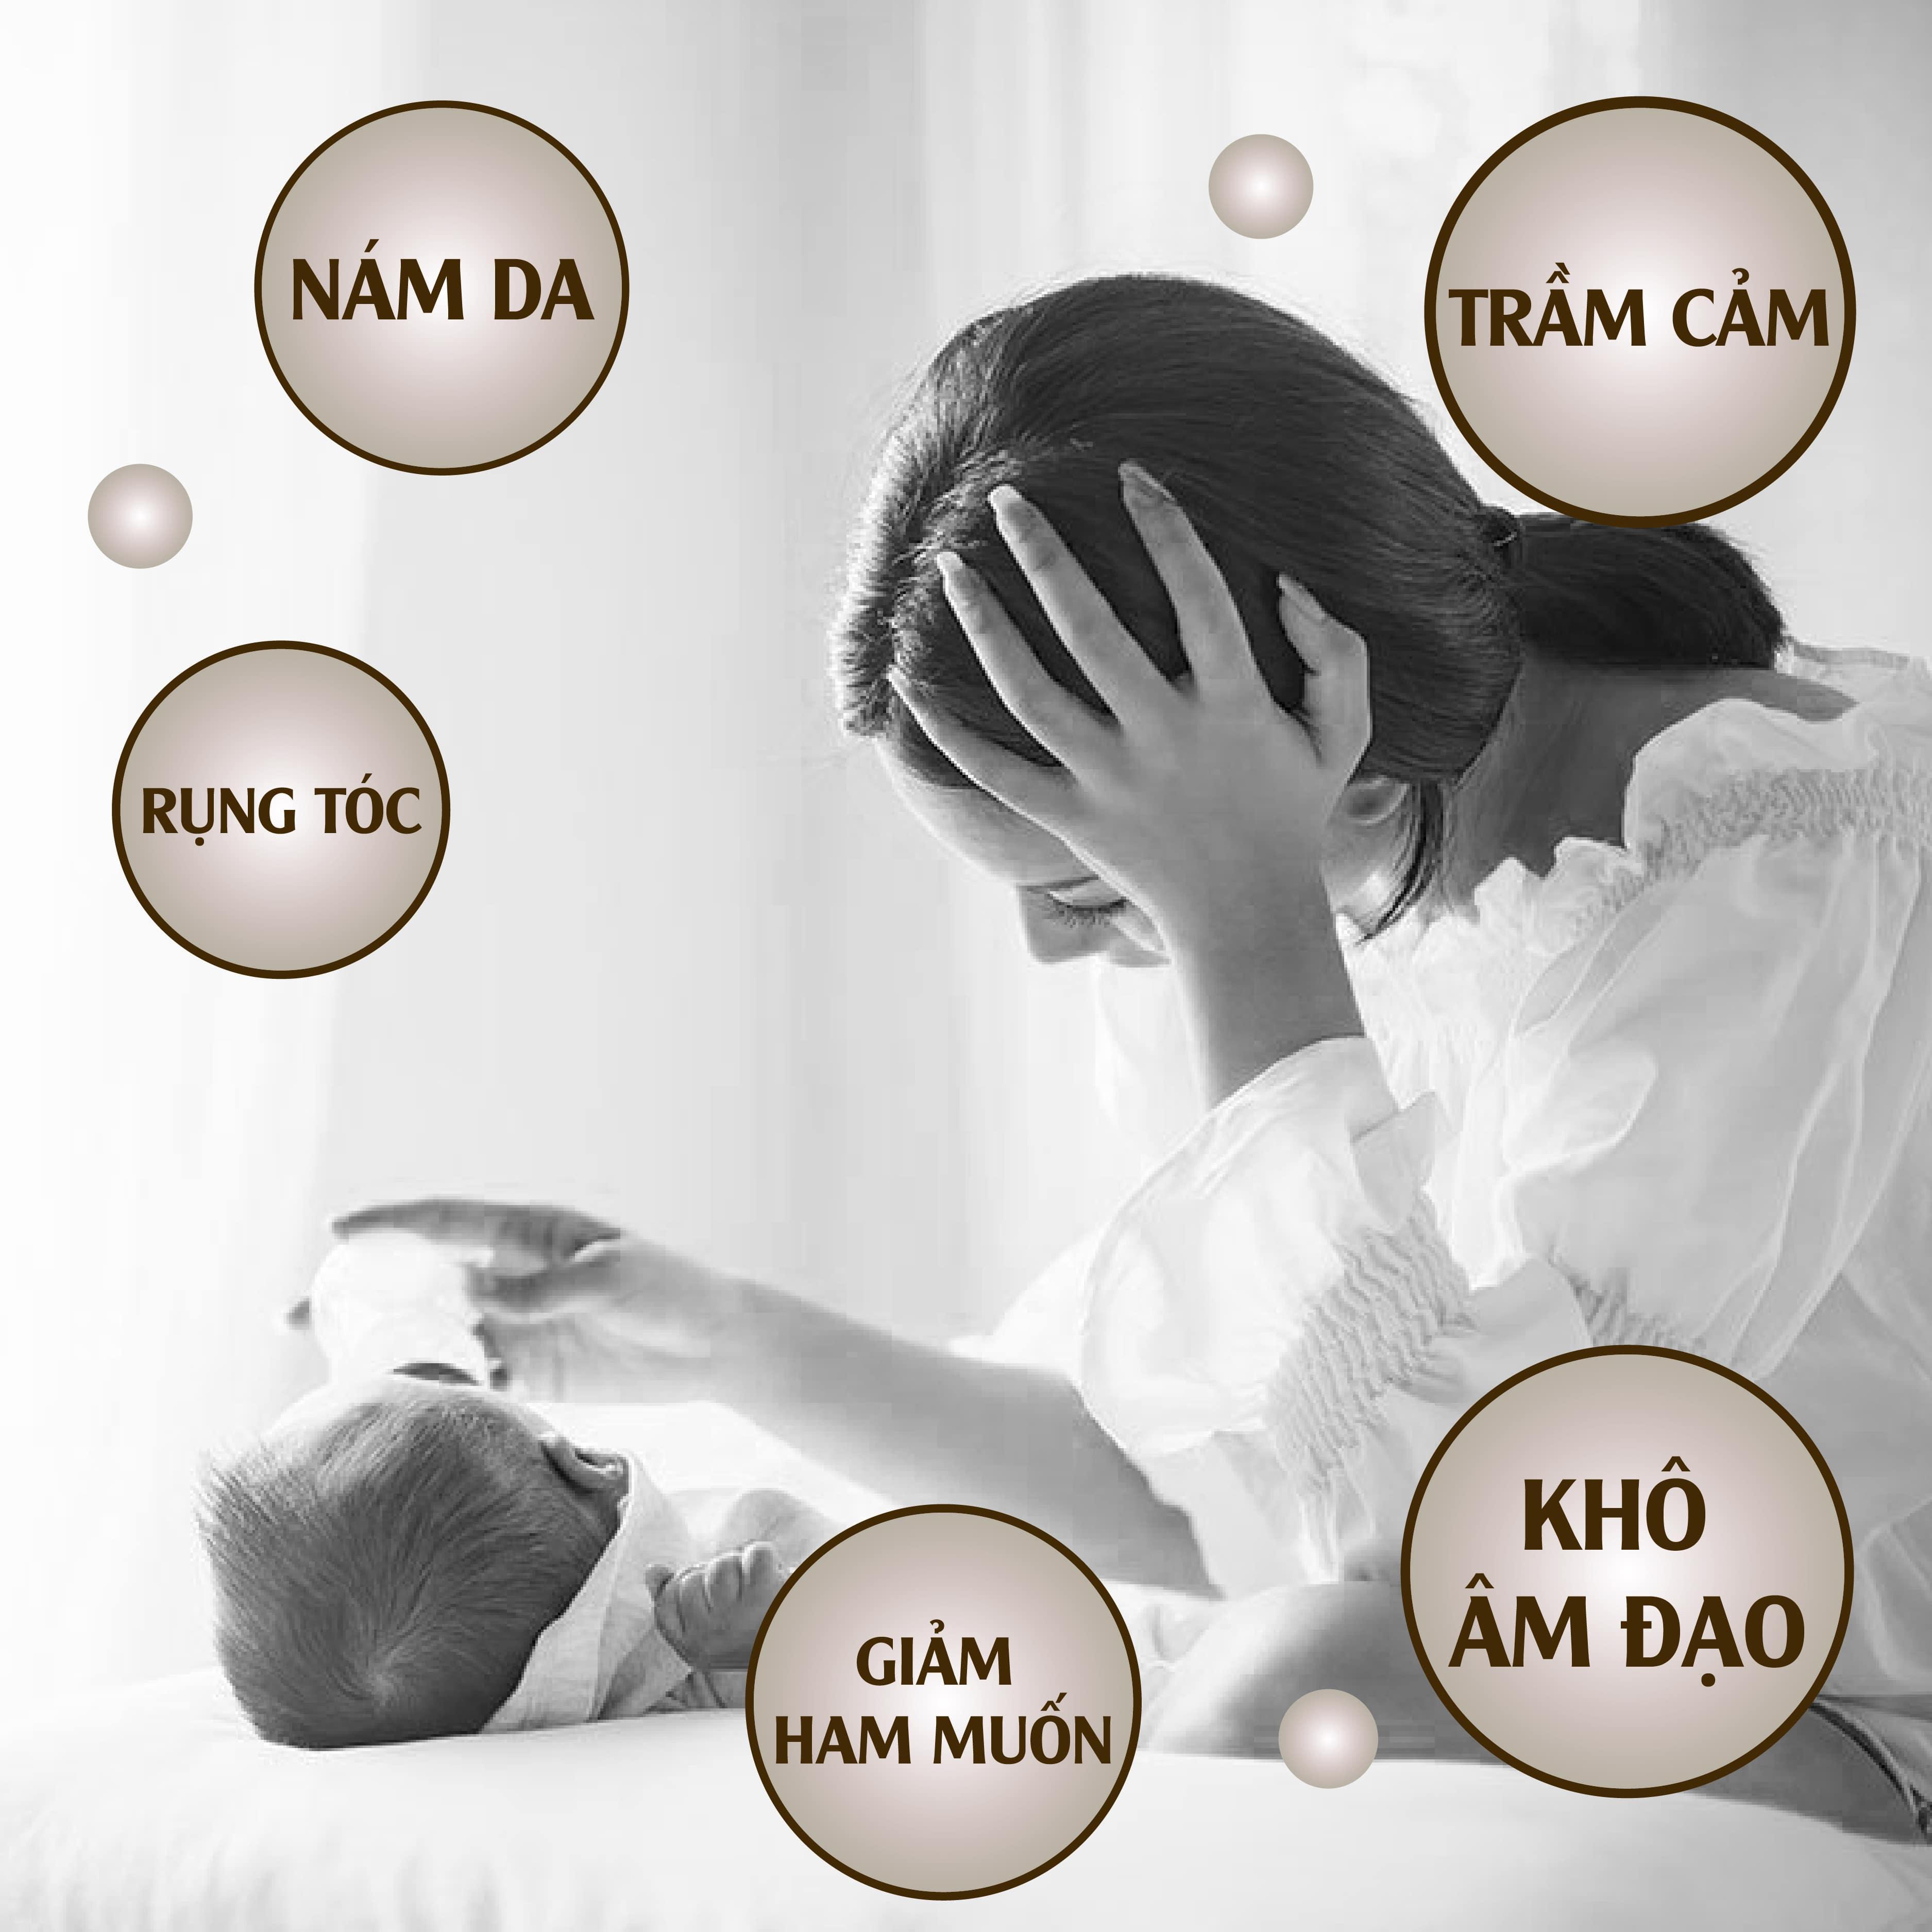 Suy giảm nội tiết tố nữ sau sinh – nguyên nhân, dấu hiệu, cách khắc phục